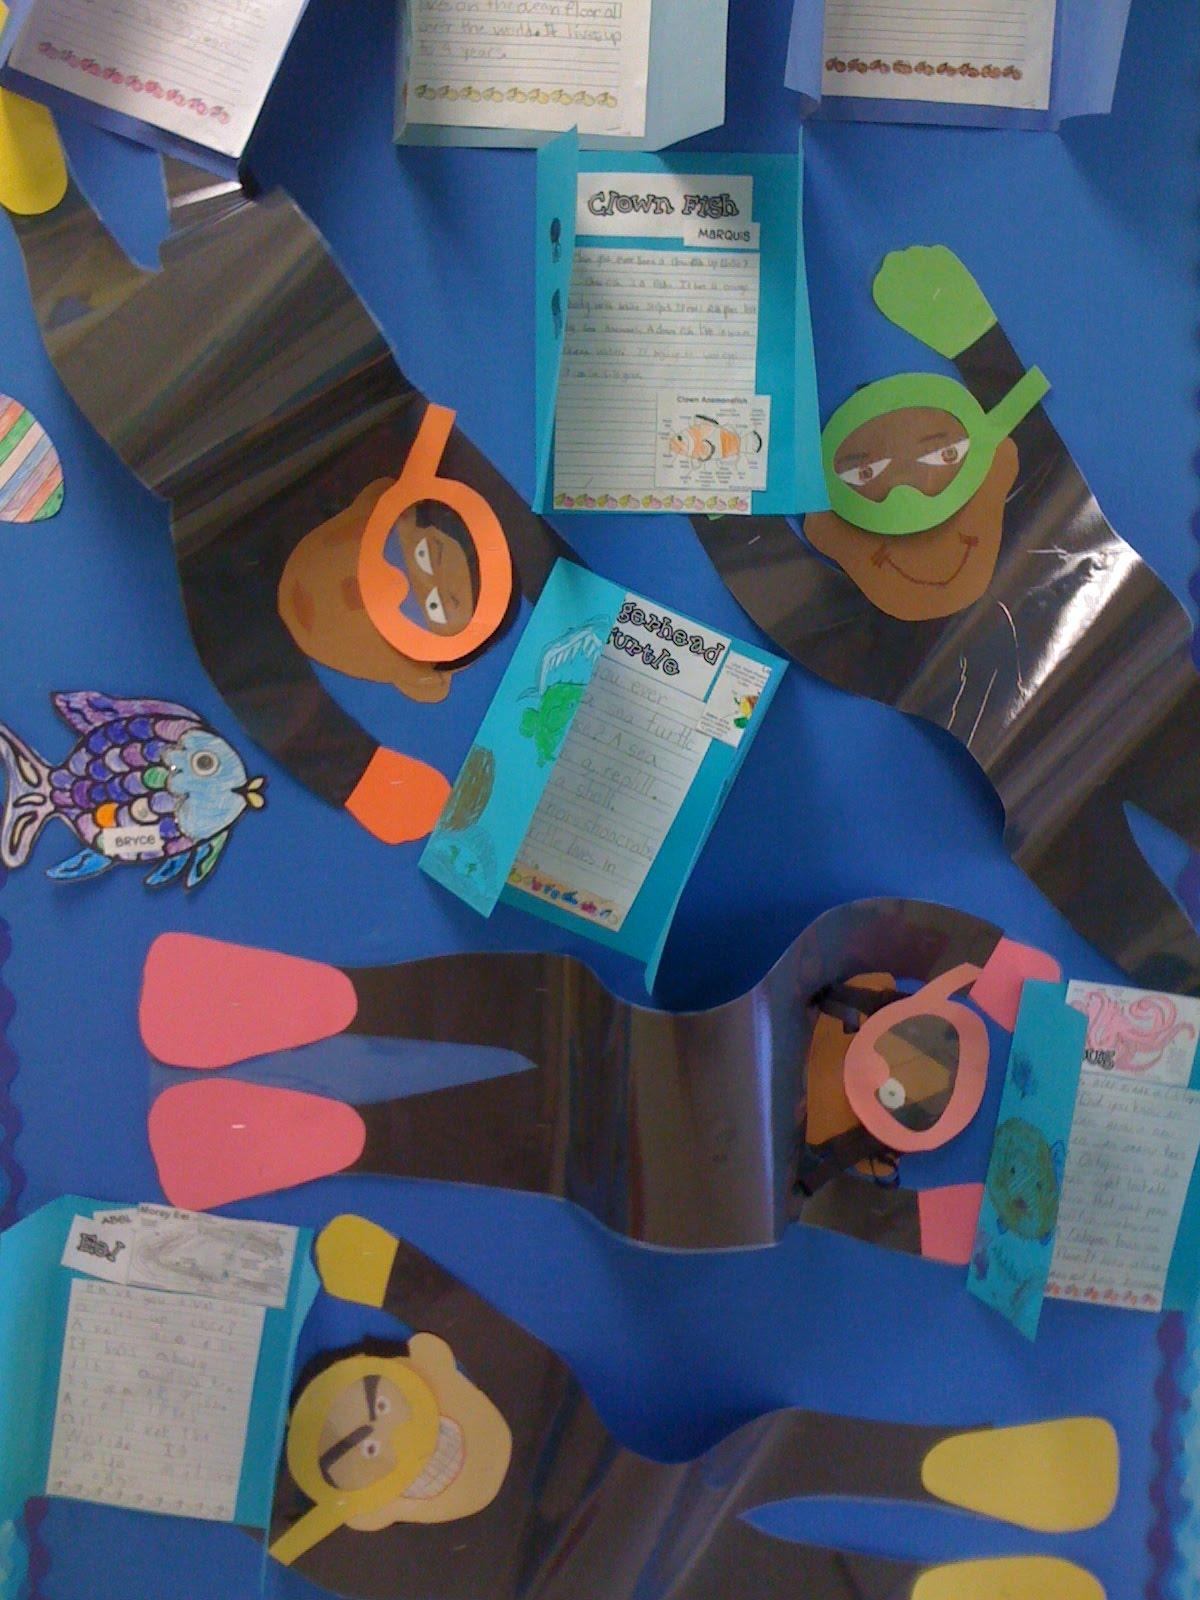 Scuba Diver Craft Ideas 10 Preschool And Homeschool